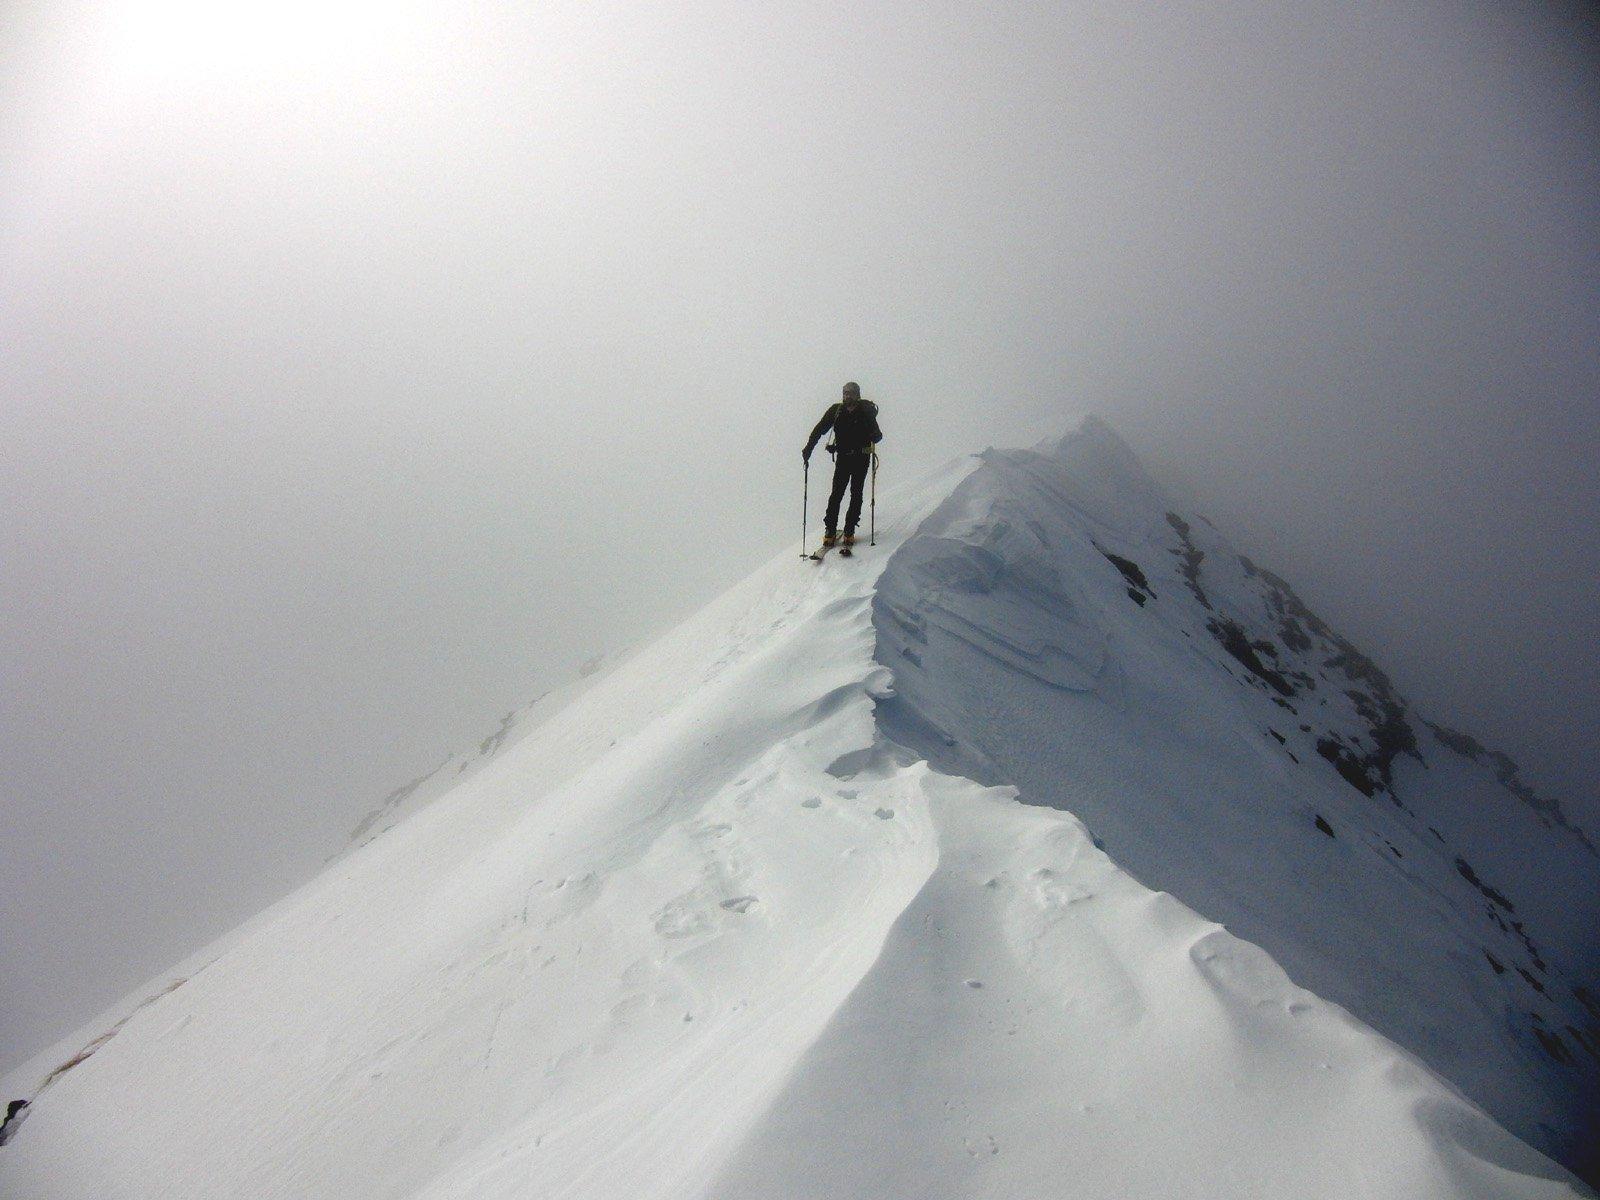 Arriva la nebbia in cresta